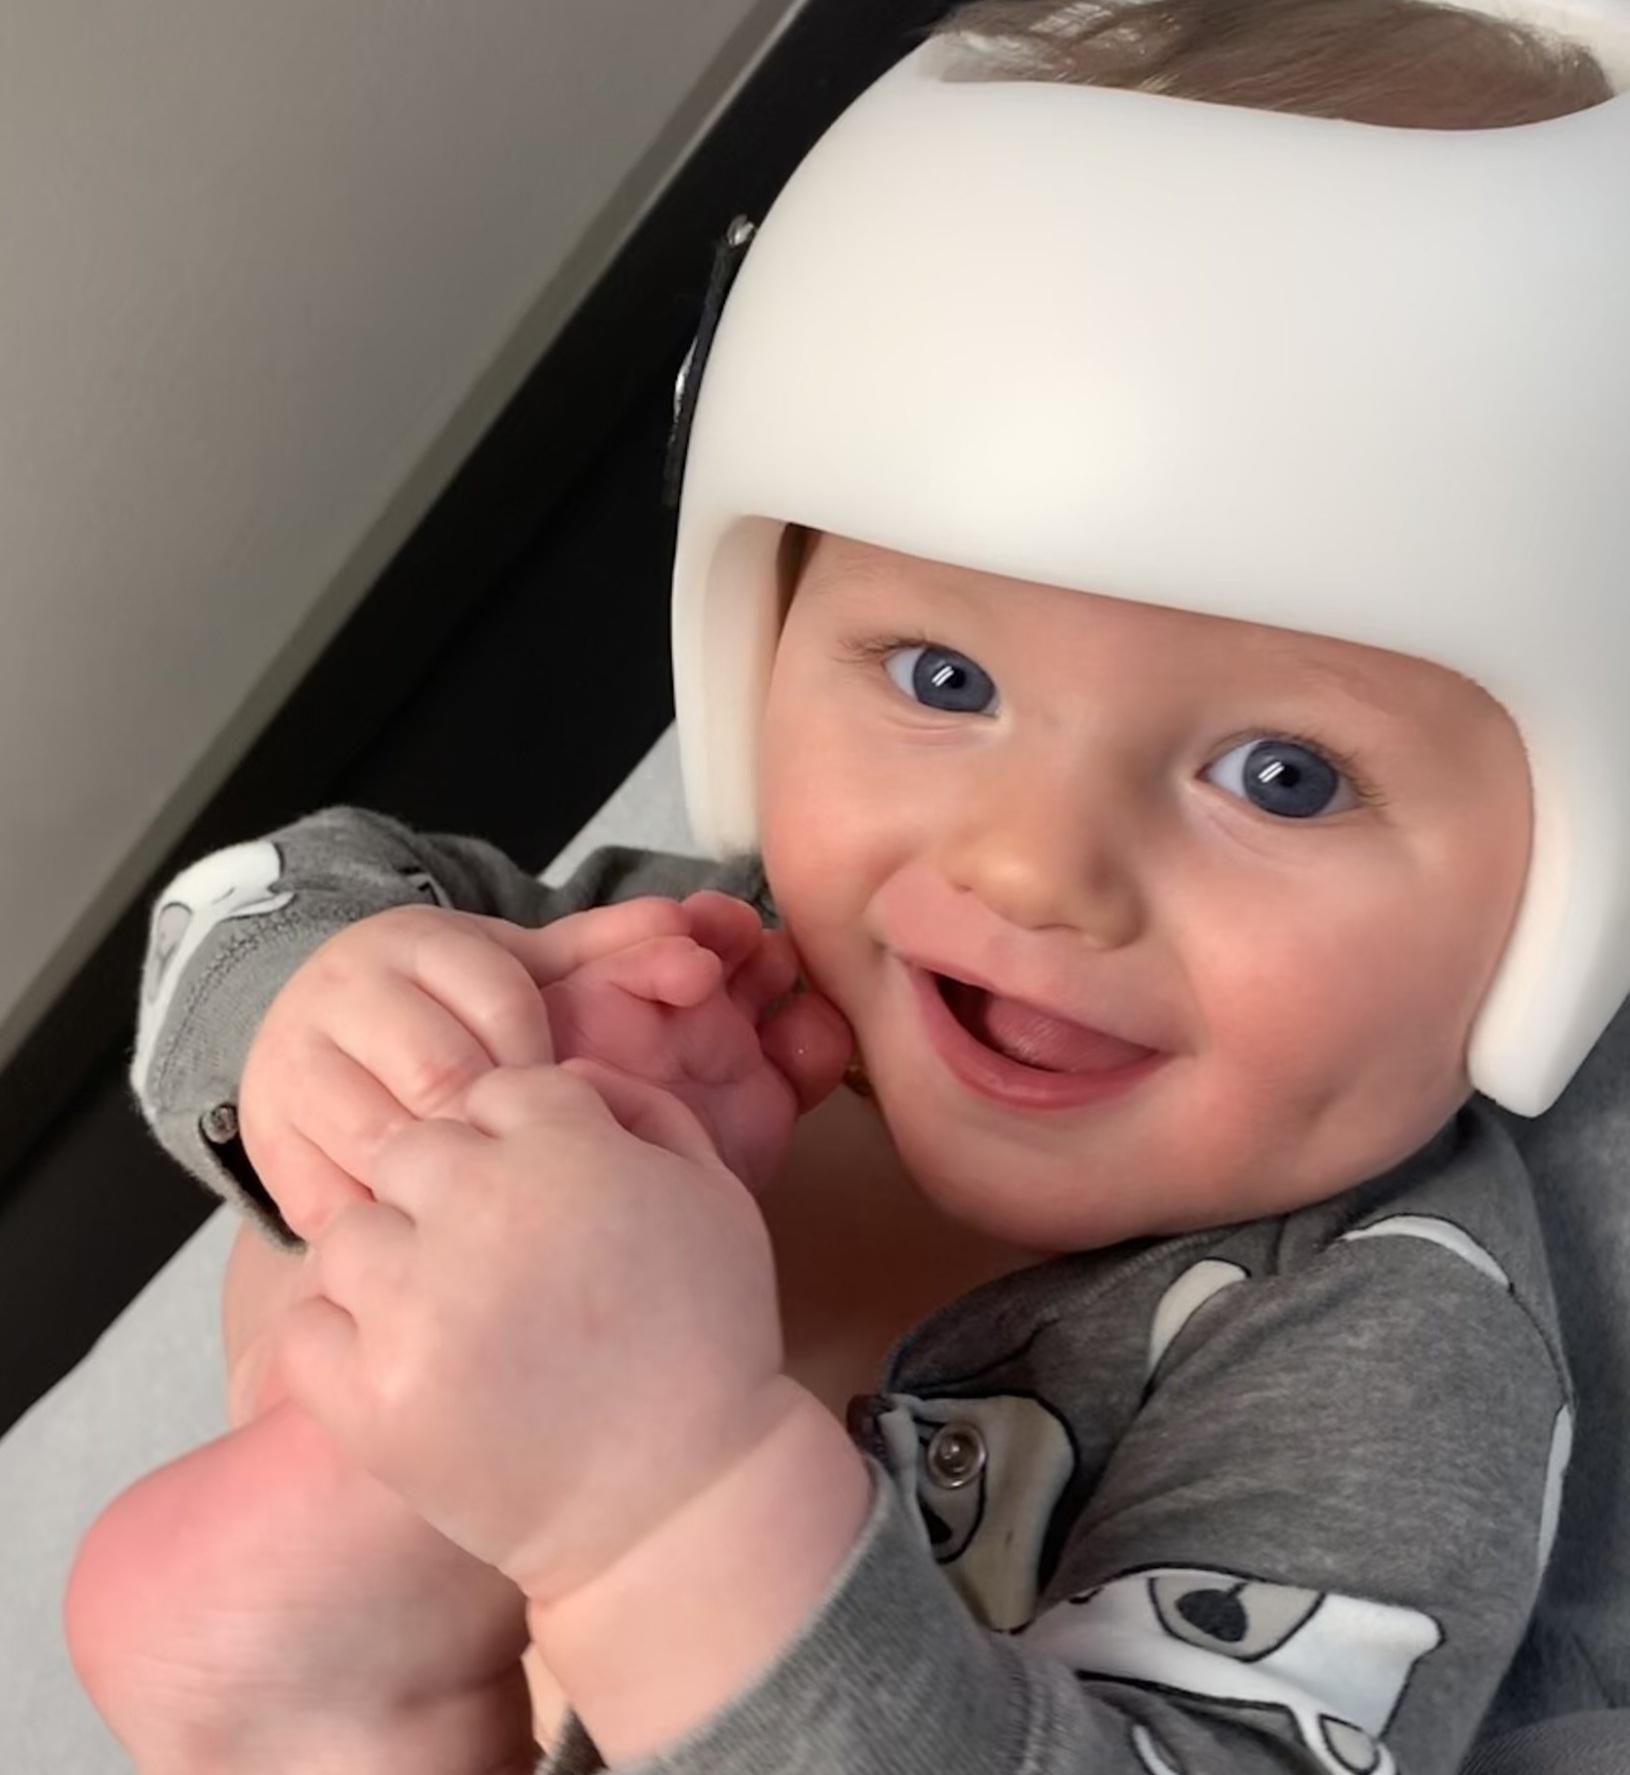 Orthomerica STARband Plagiocephaly helmet 2019.jpg